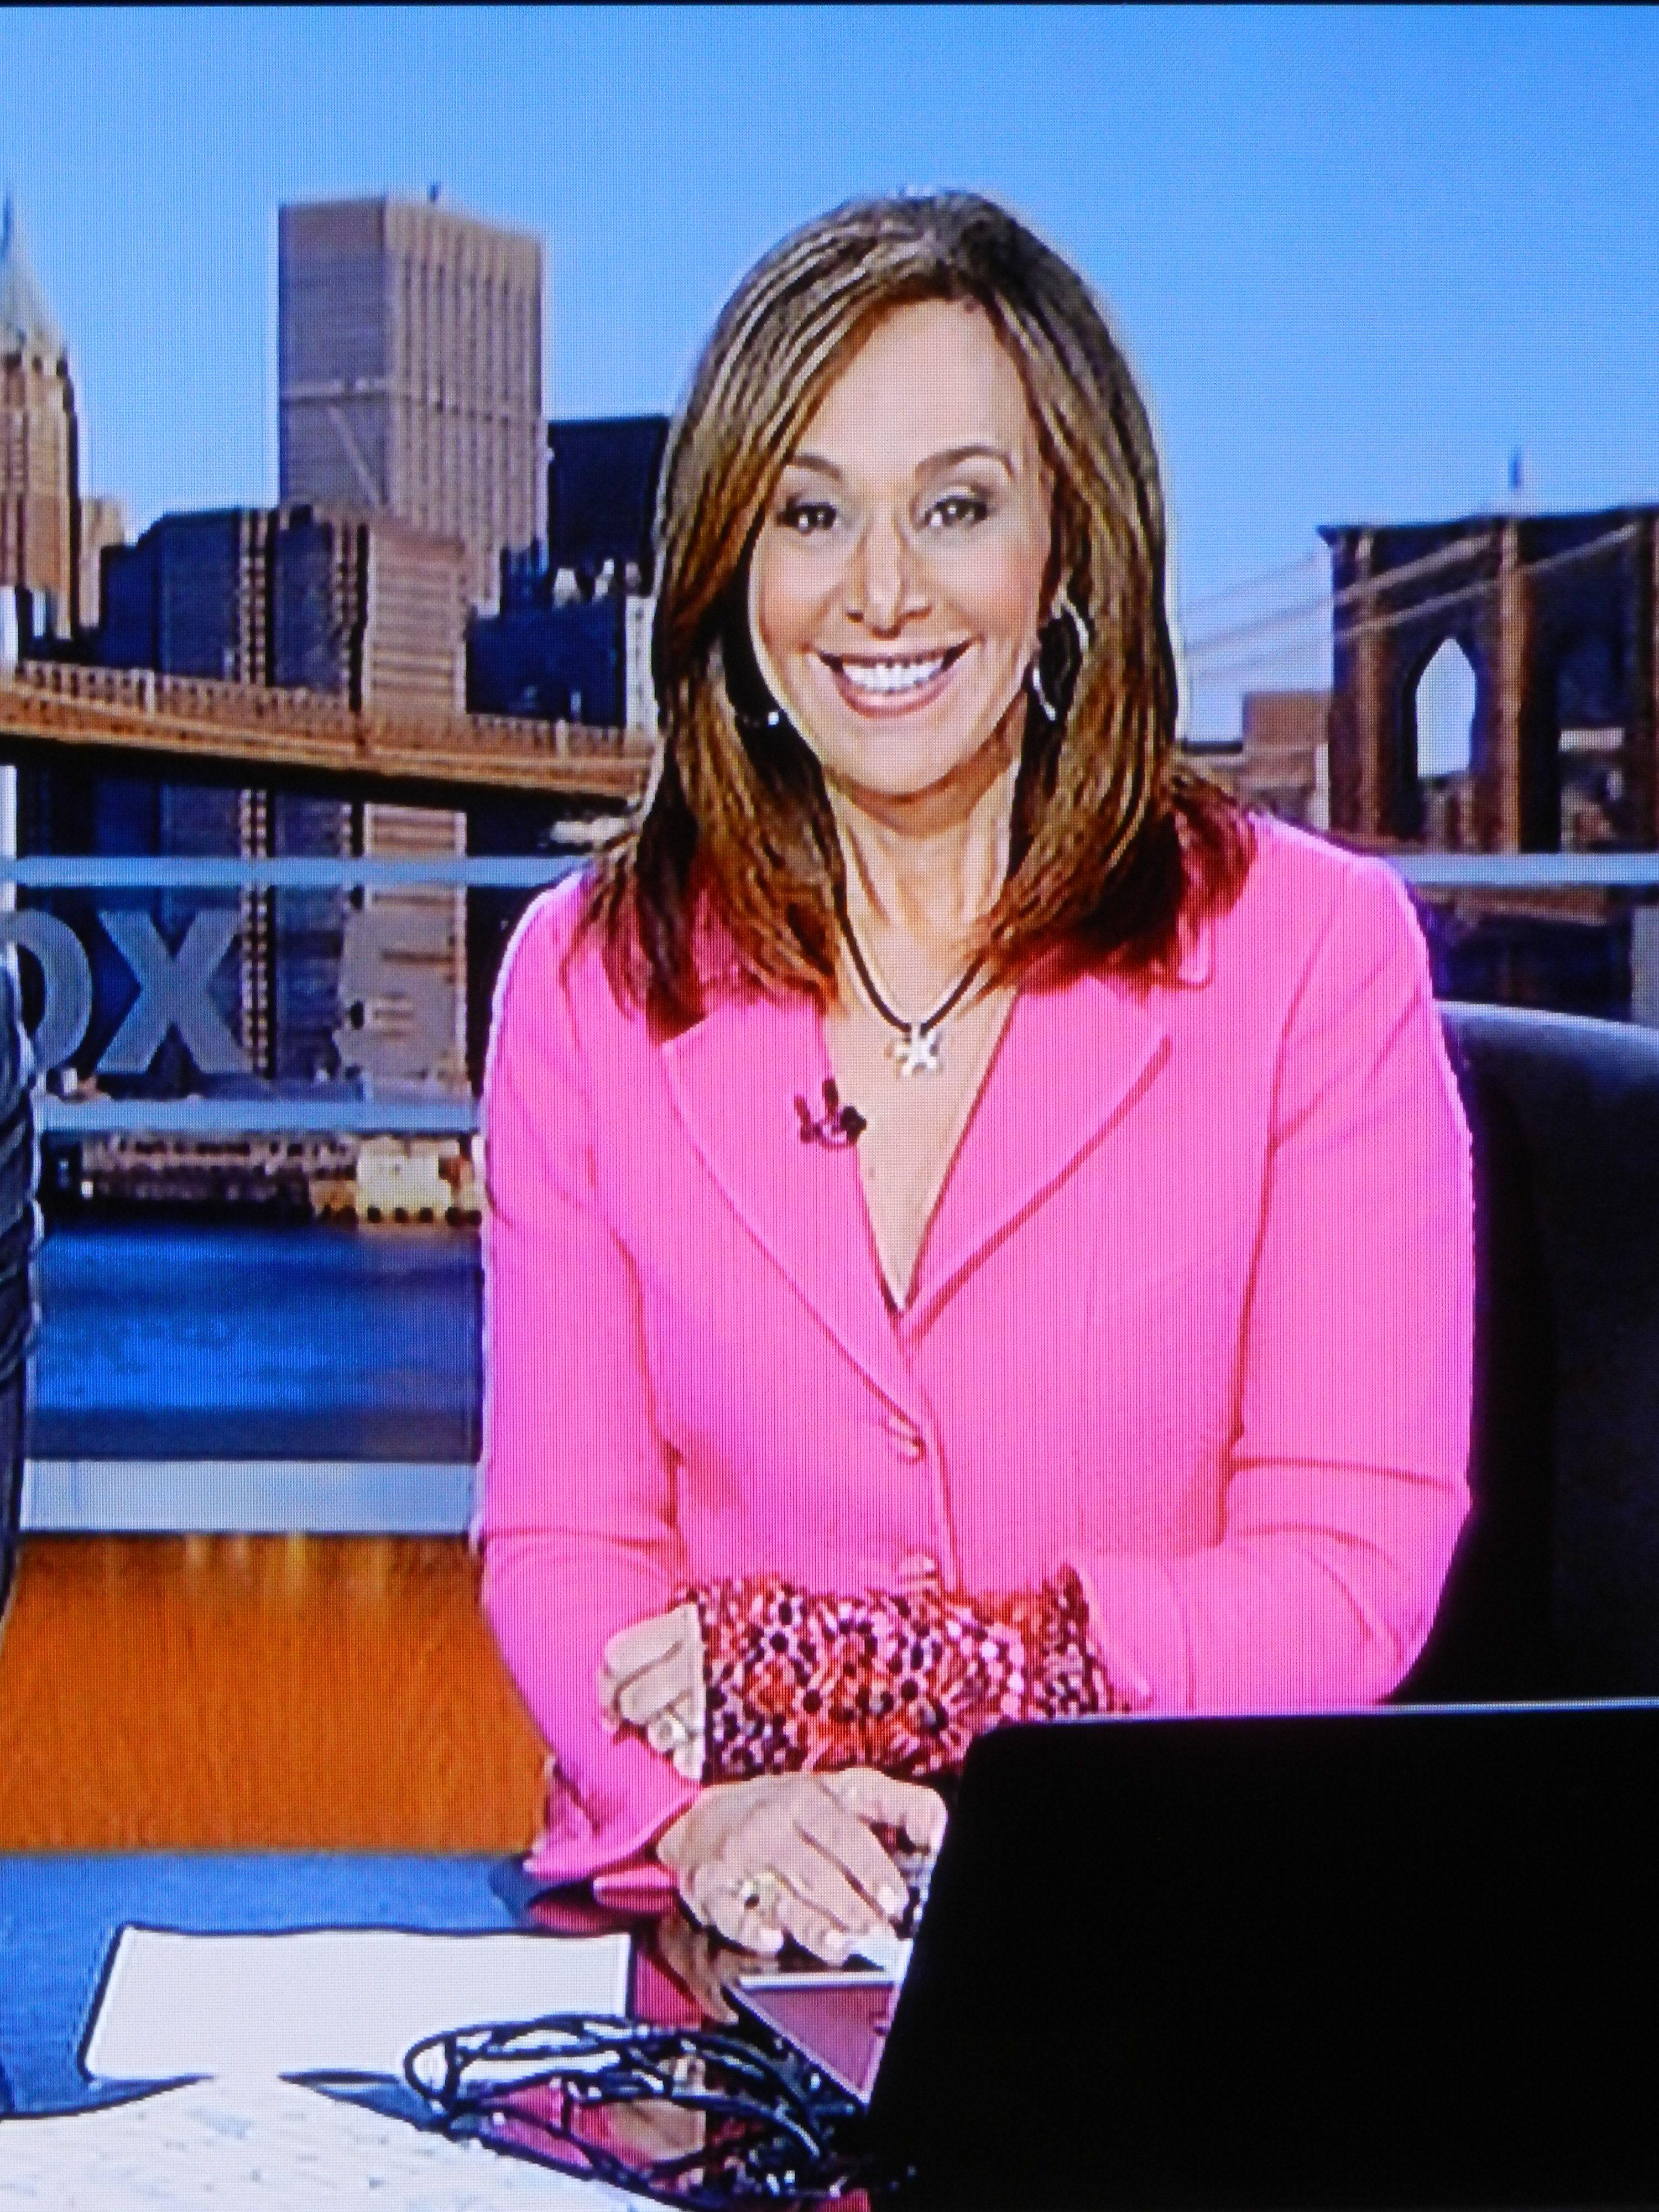 Cast Cover Fashions - Fox5 'Good Day NY' anchor Rosanna